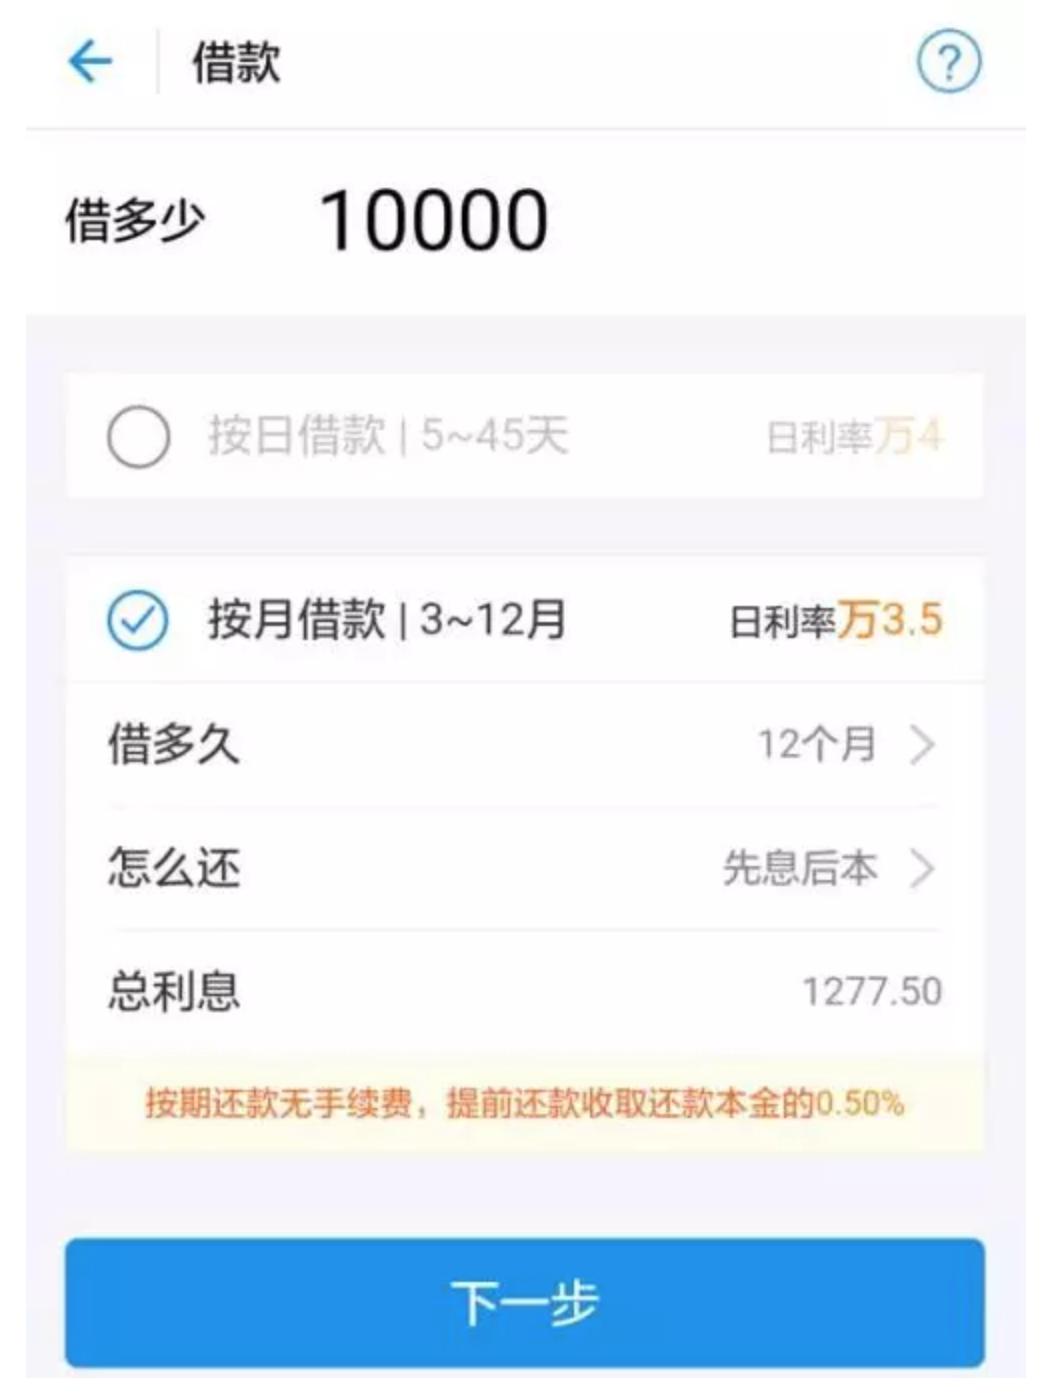 上海点刷:就是这么赚钱!蚂蚁借呗净利45亿碾压上市银行